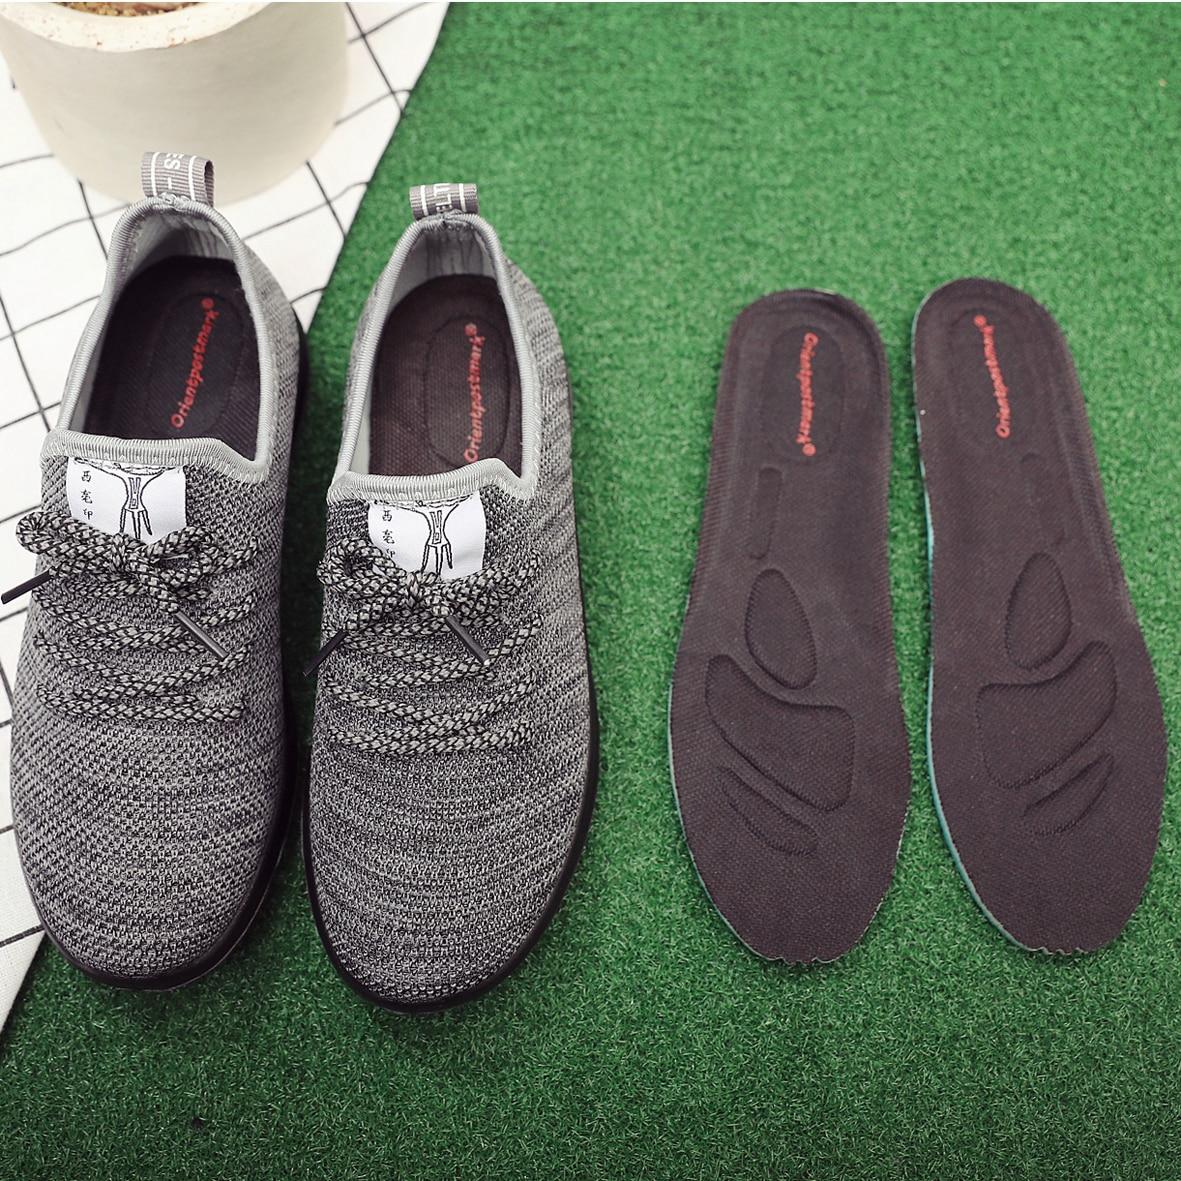 Orientpostmark 1 пара унисекс стрейч дышащая дезодорант для обуви мягкой боли Бег Подушки Стельки Pad Вставить